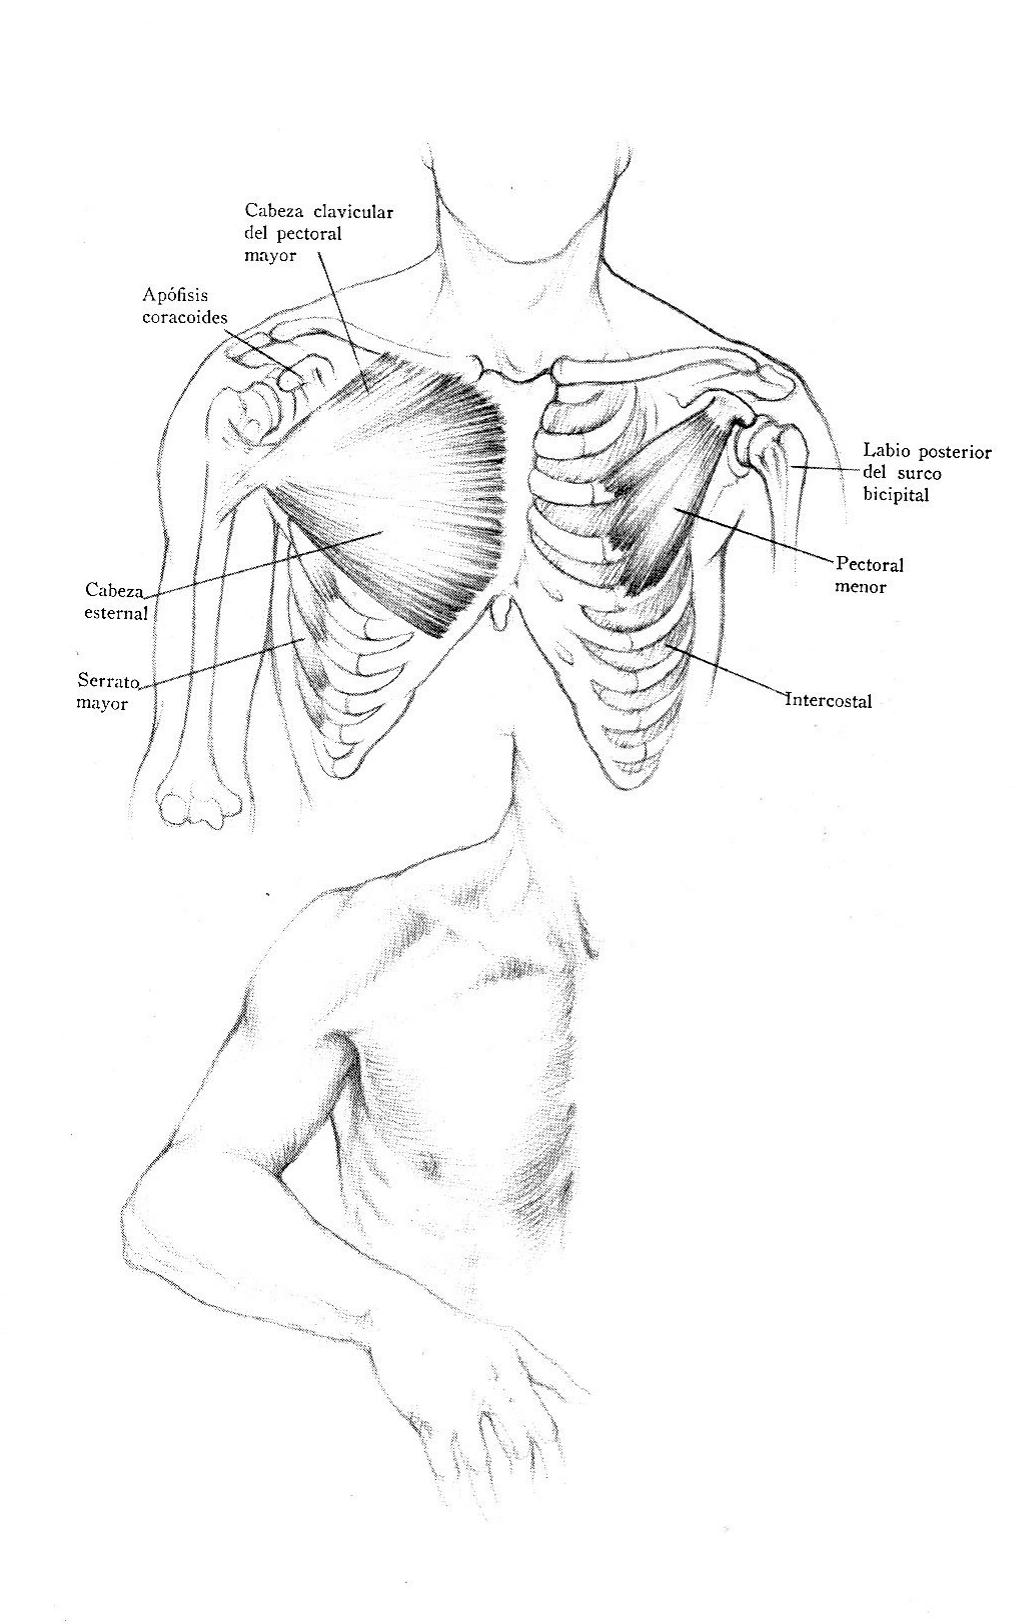 Músculos de la parte anterior del tórax | Dibujo anatómico de la ...